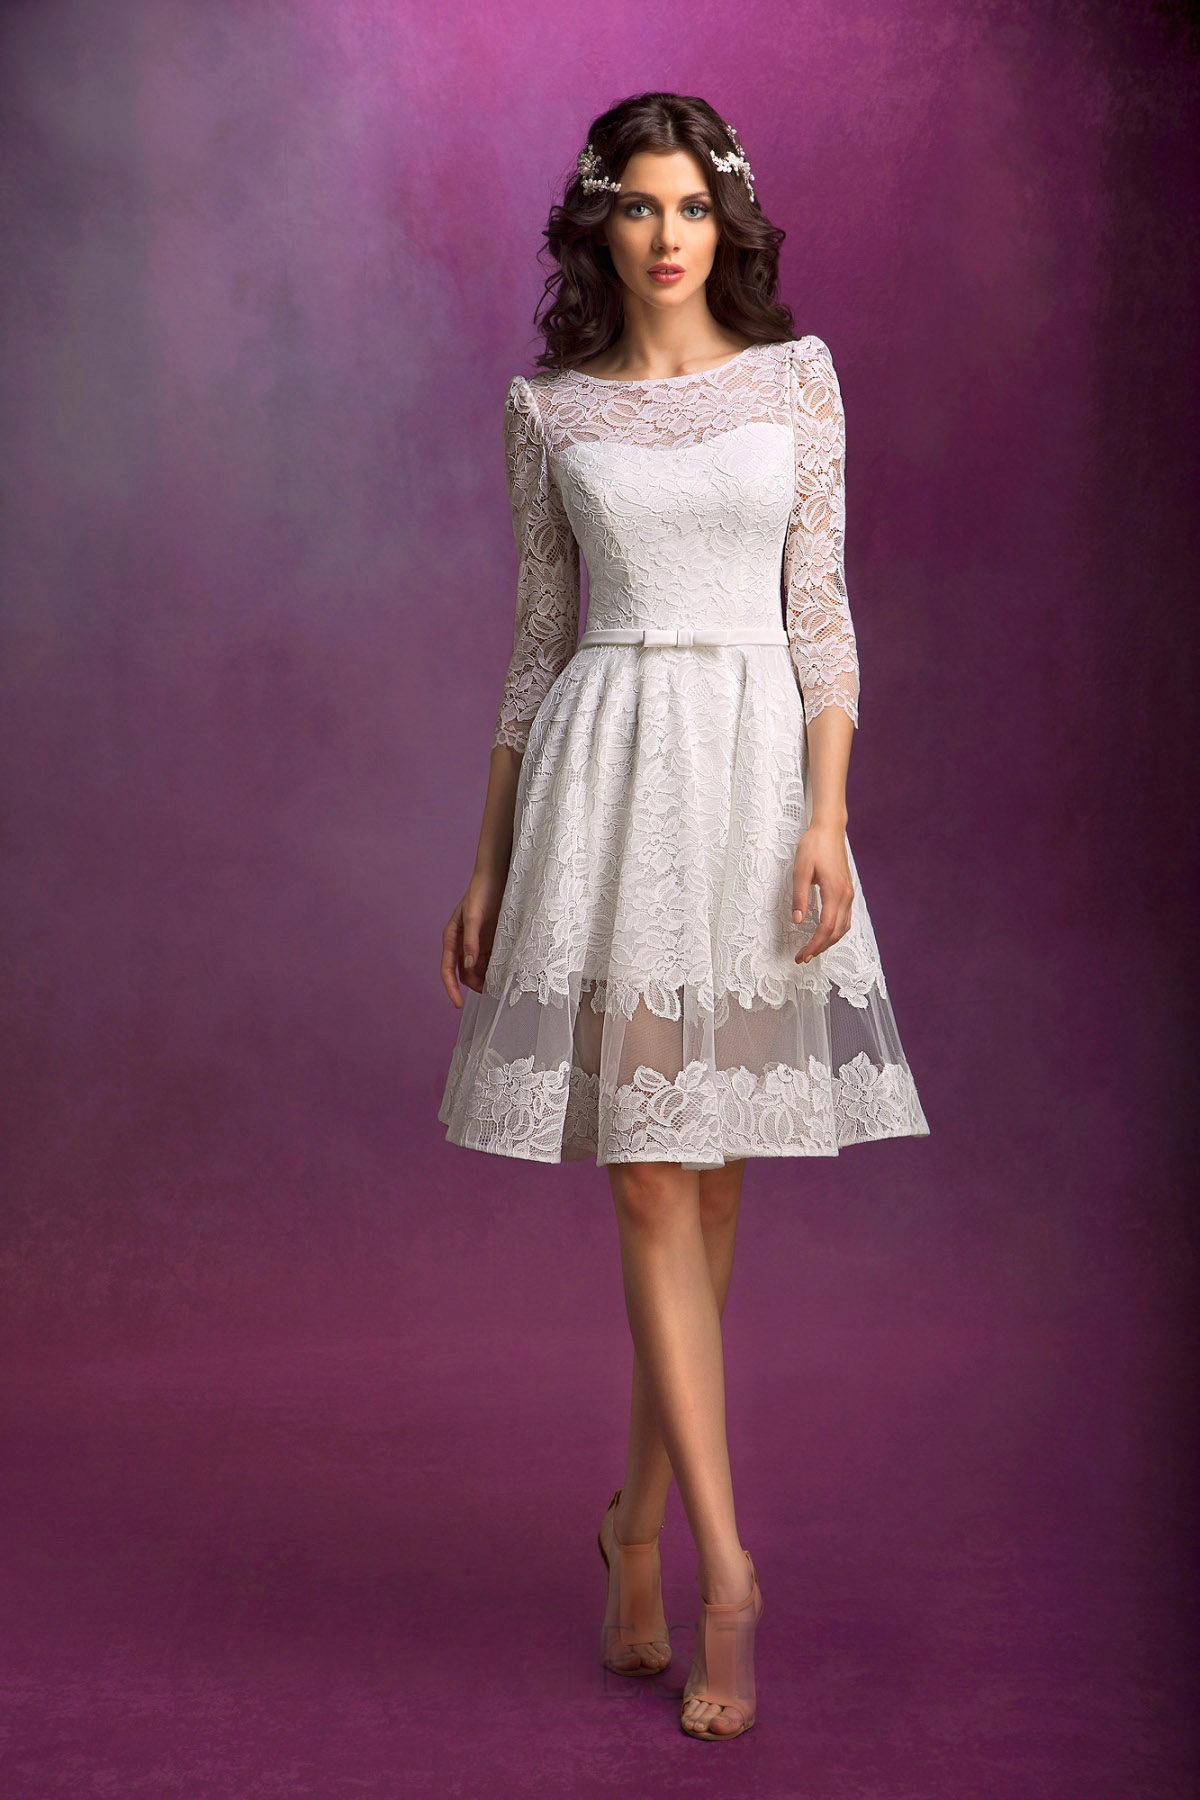 ff41067a9d0 Короткое пышное свадебное платье с рукавами